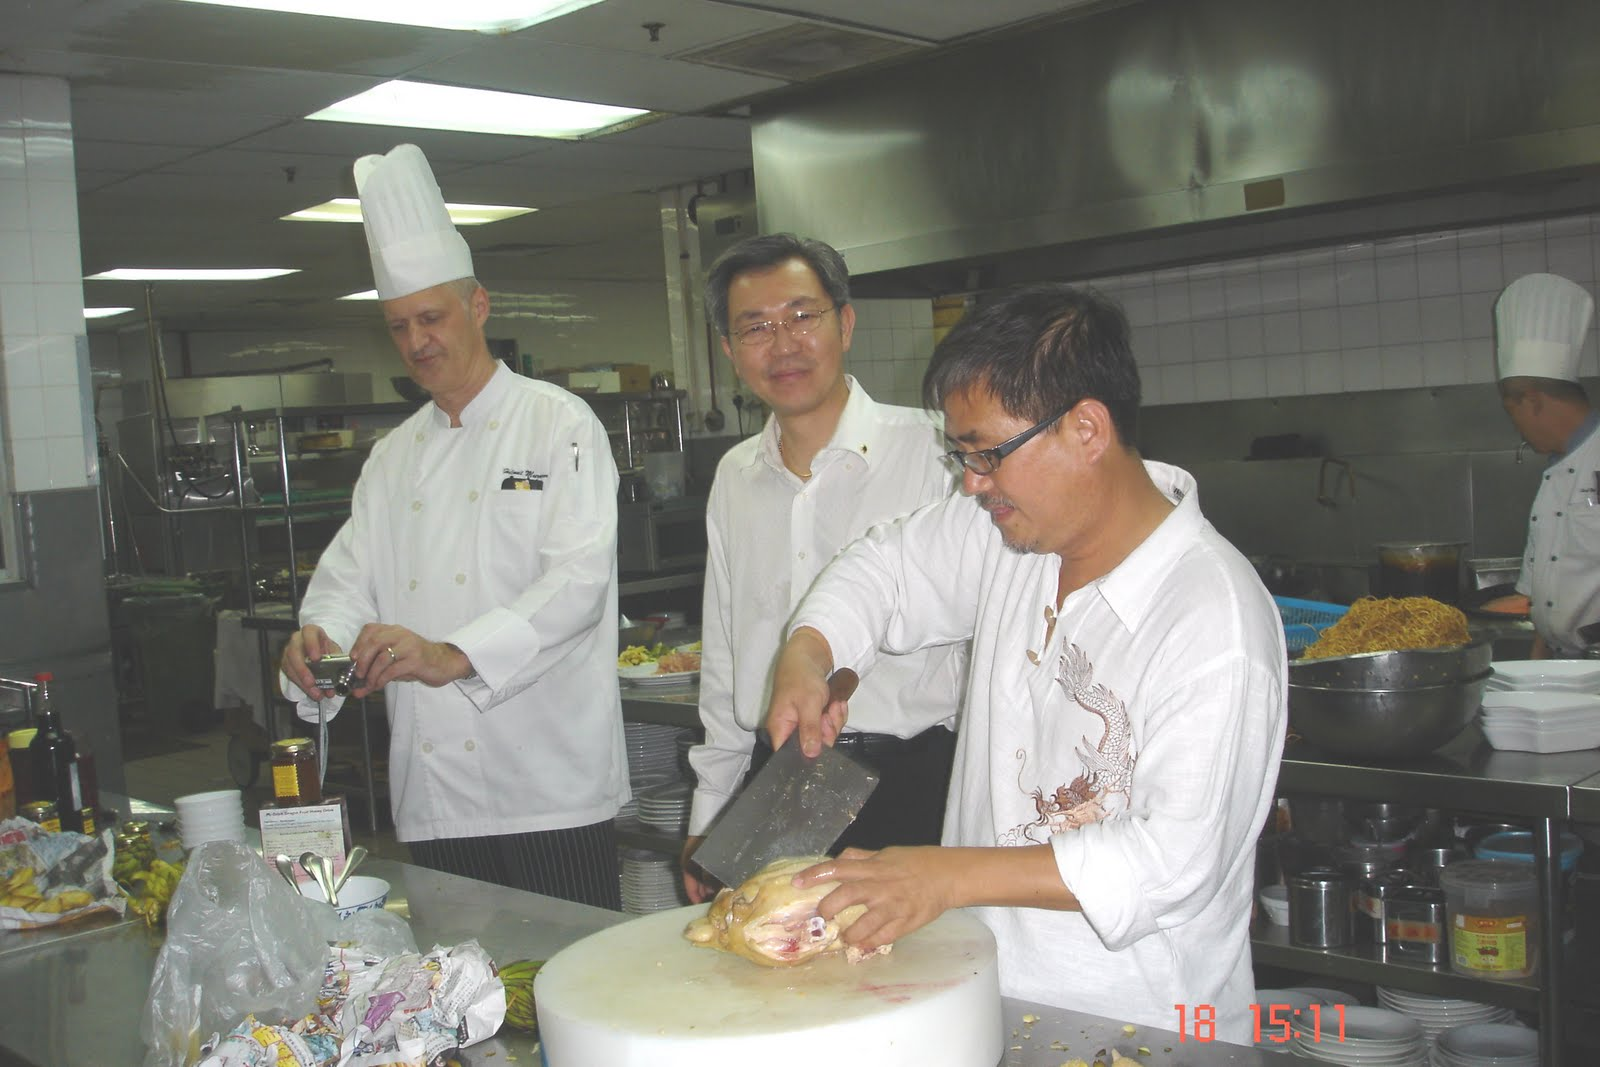 [ald'leong+preparing+chicken]